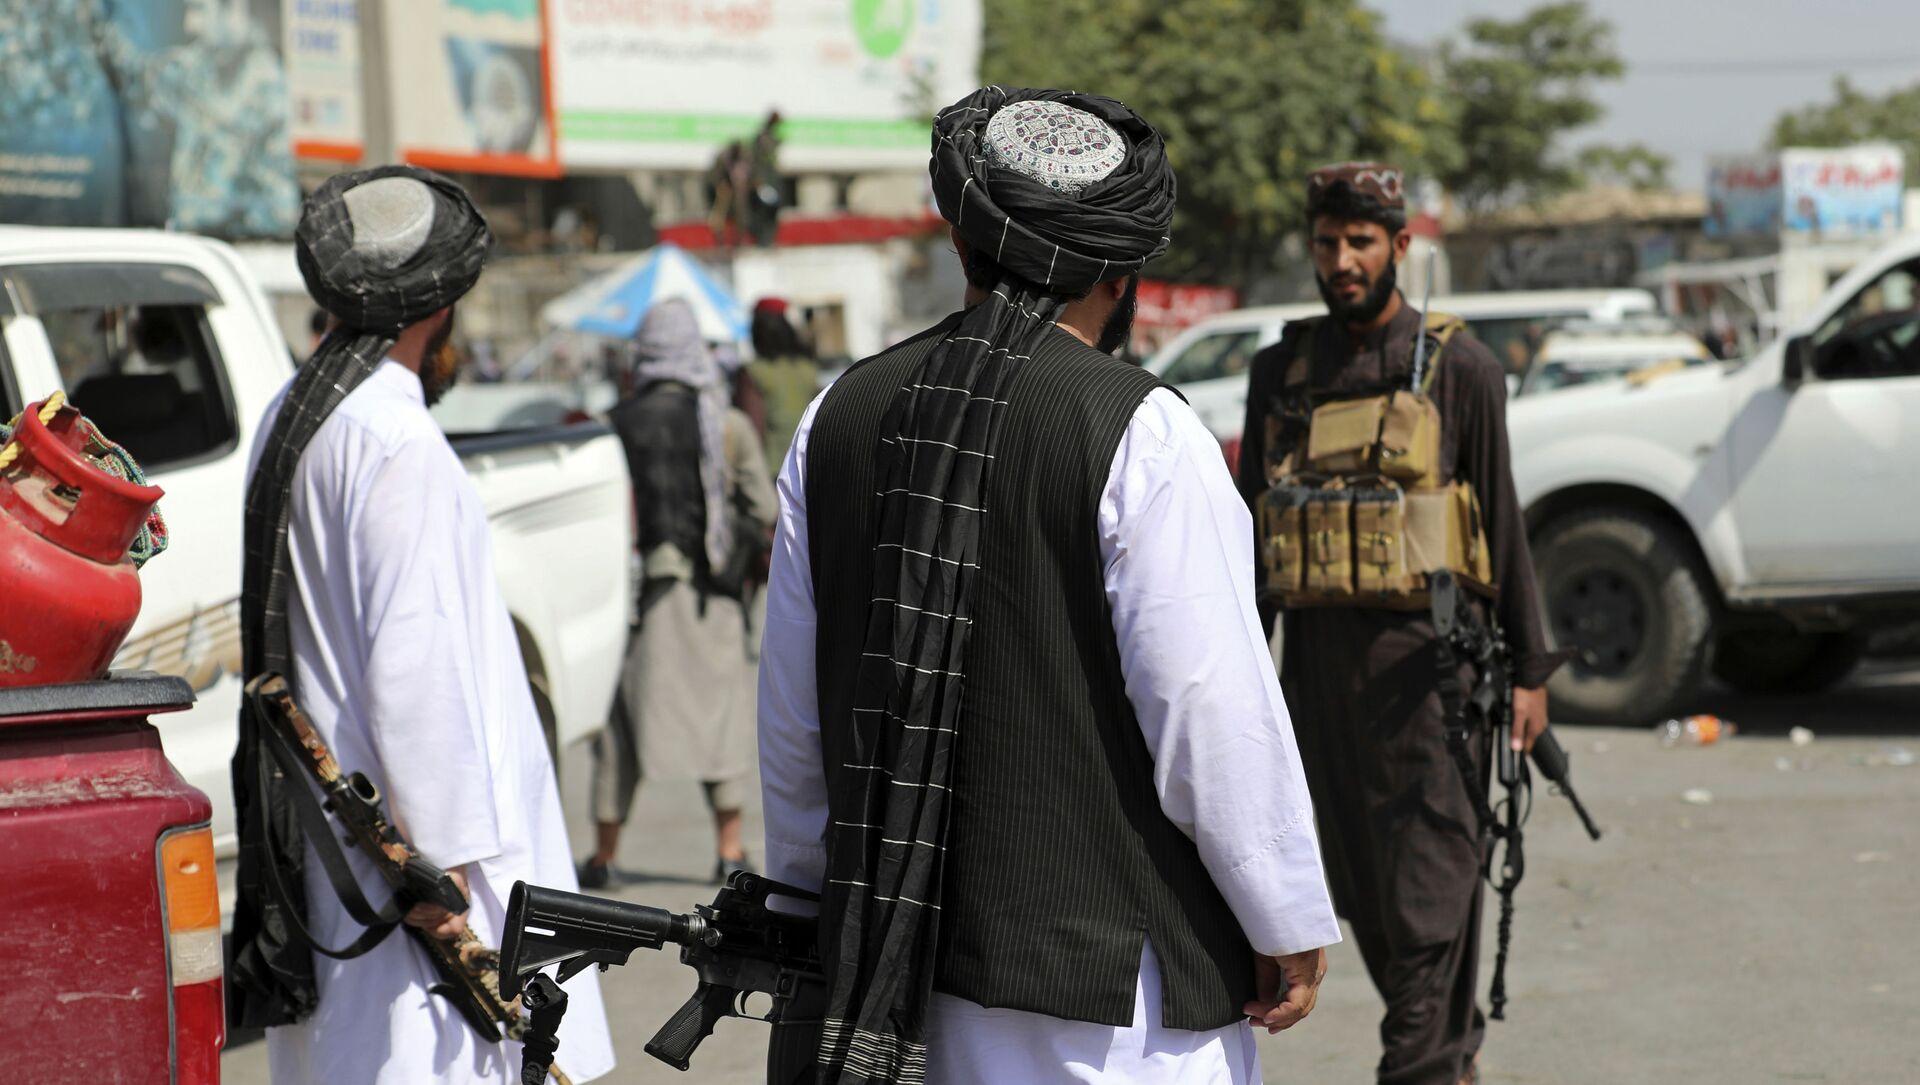 Боевики движения Талибан (террористическая группировка, запрещеннфая в РФ) в Кабуле, 16 авгутса 2021 года  - Sputnik Azərbaycan, 1920, 27.08.2021